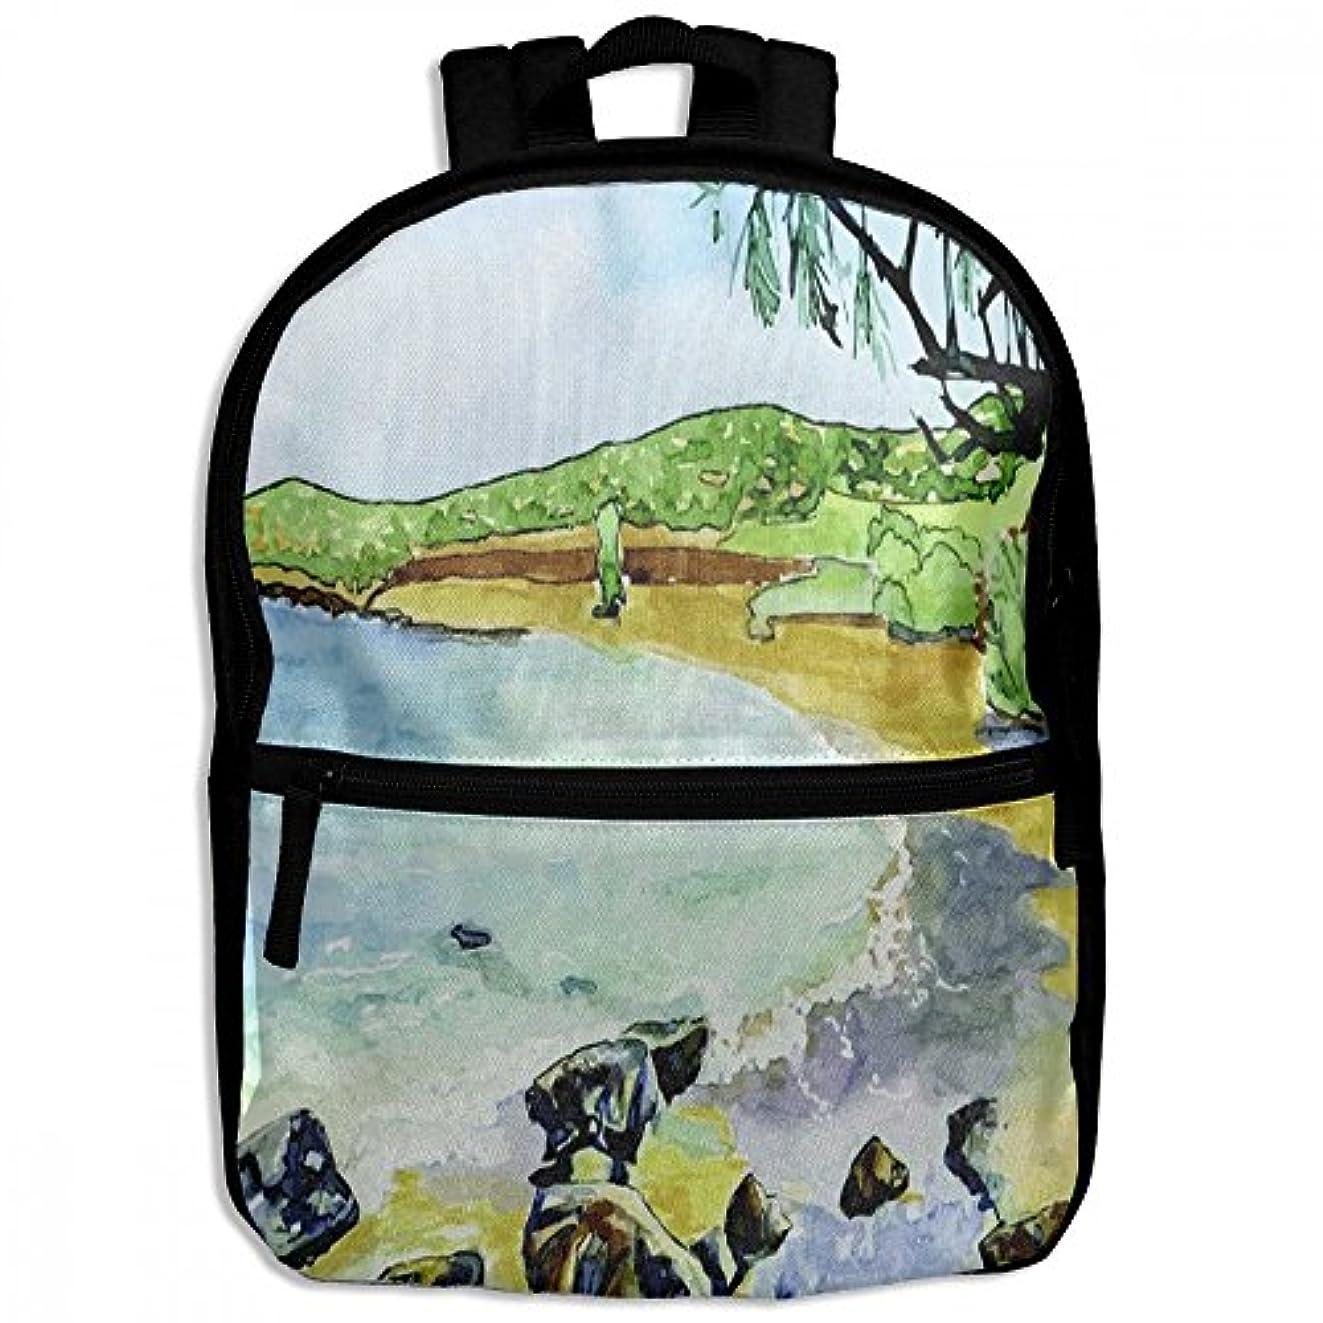 有害な狼動的キッズバッグ キッズ リュックサック バックパック 子供用のバッグ 学生 リュックサック 自然 風景 油彩絵 アウトドア 通学 ハイキング 遠足